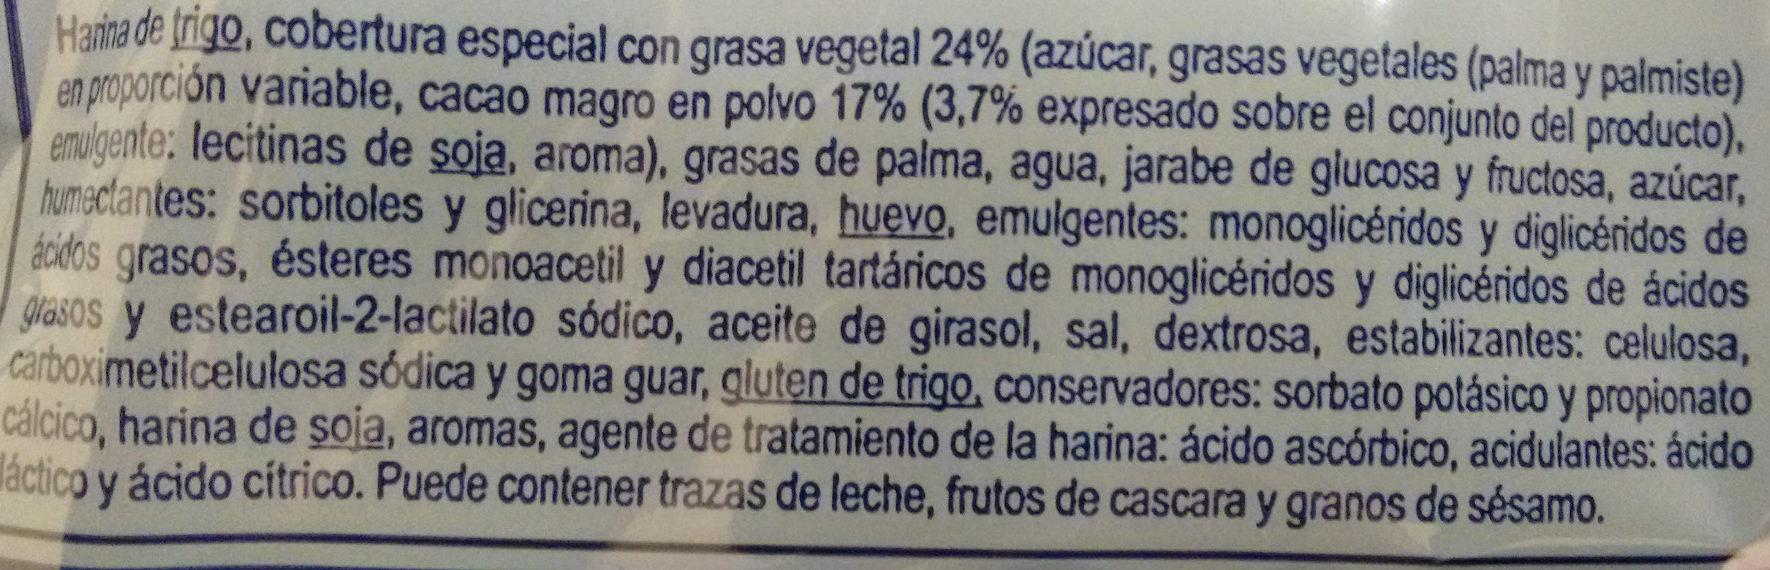 Redondos cacao - Ingrédients - es